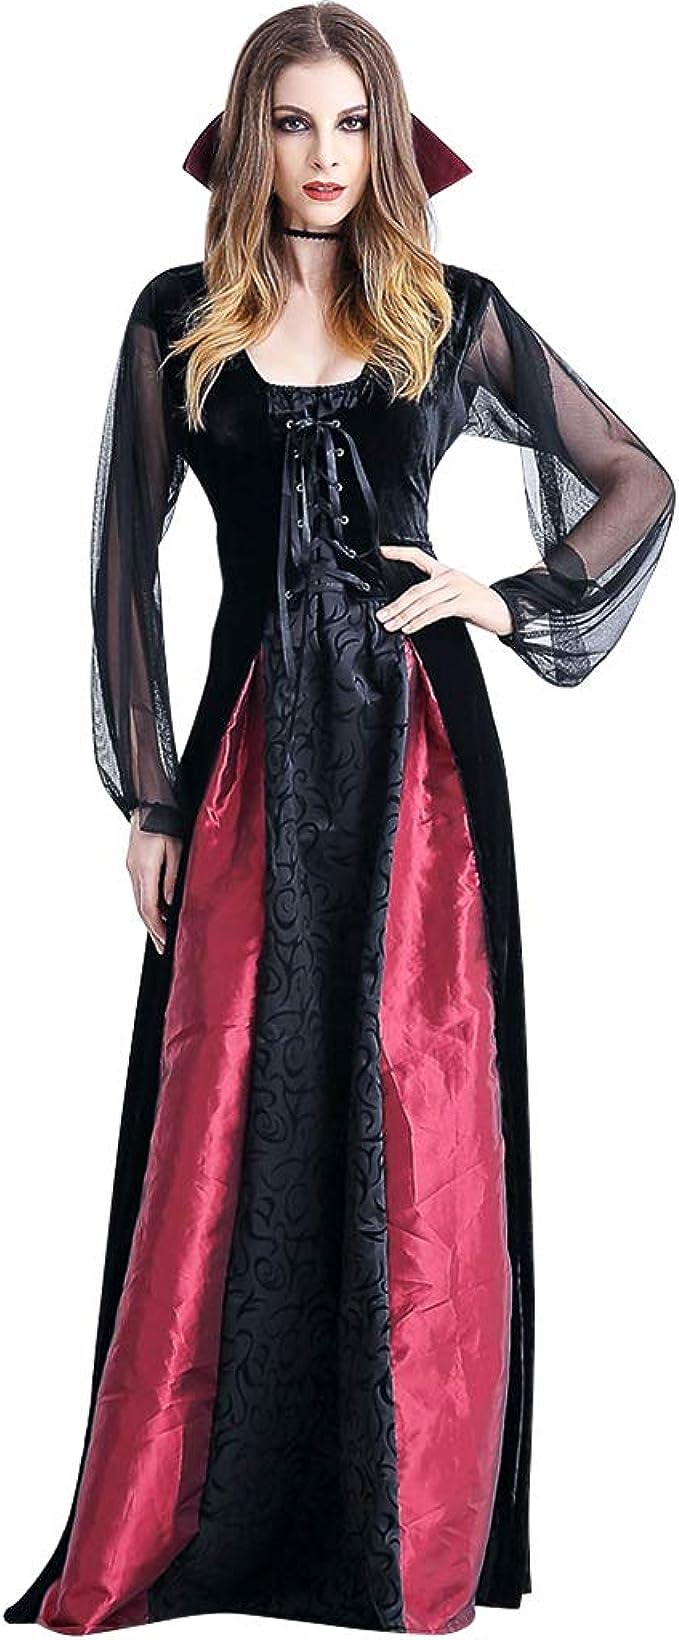 Disfraz Halloween Mujer Vampiresa Fiesta - Traje Bruja Adulto ...